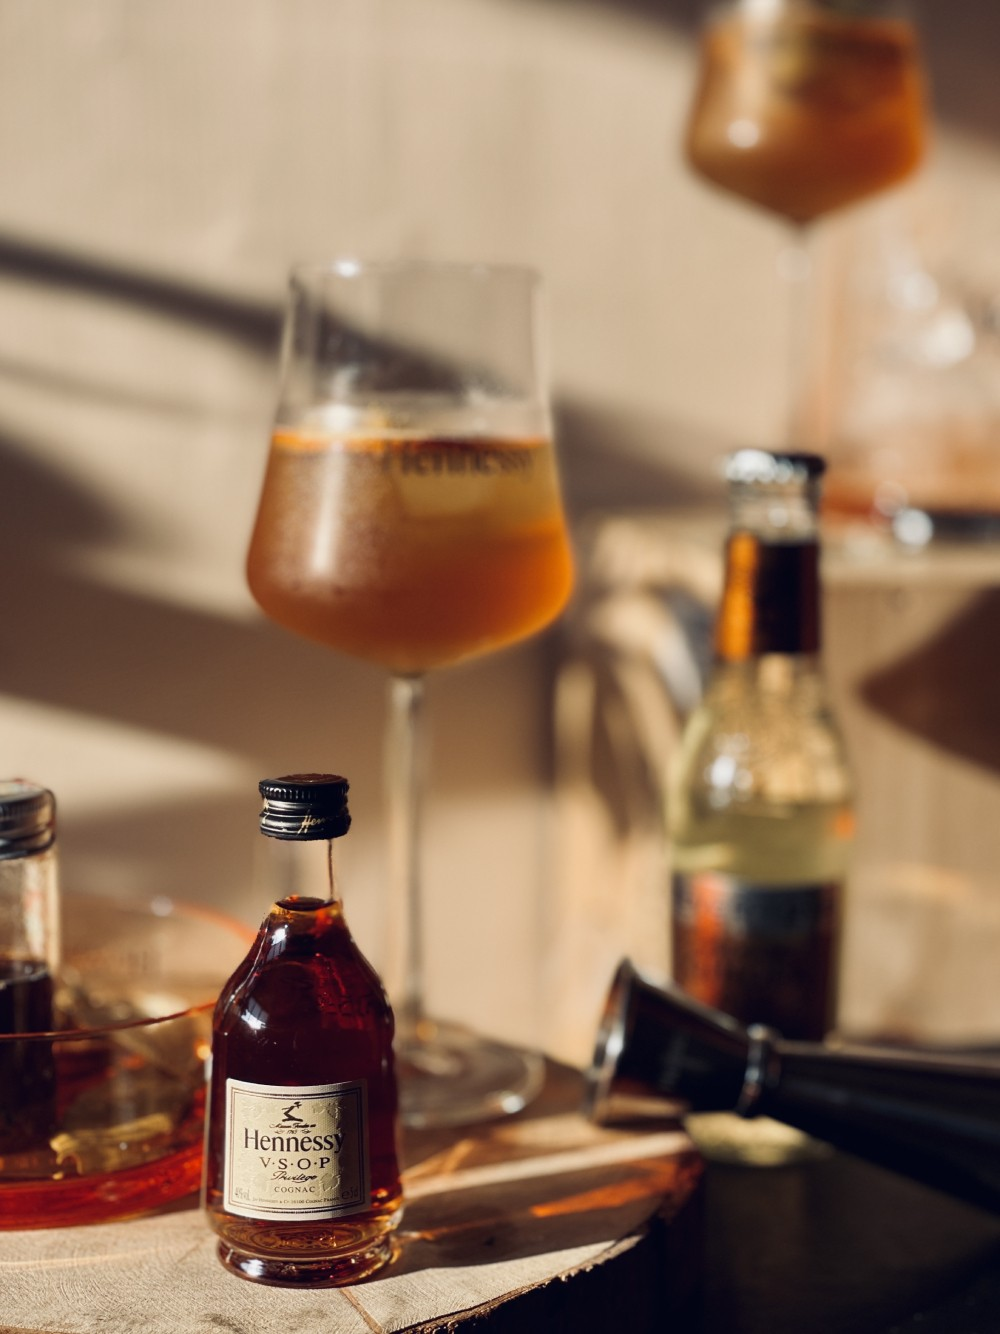 慕軒飯店七週年感謝祭 軒尼詩跨界聯名住房 獨享房內DIY調酒樂趣